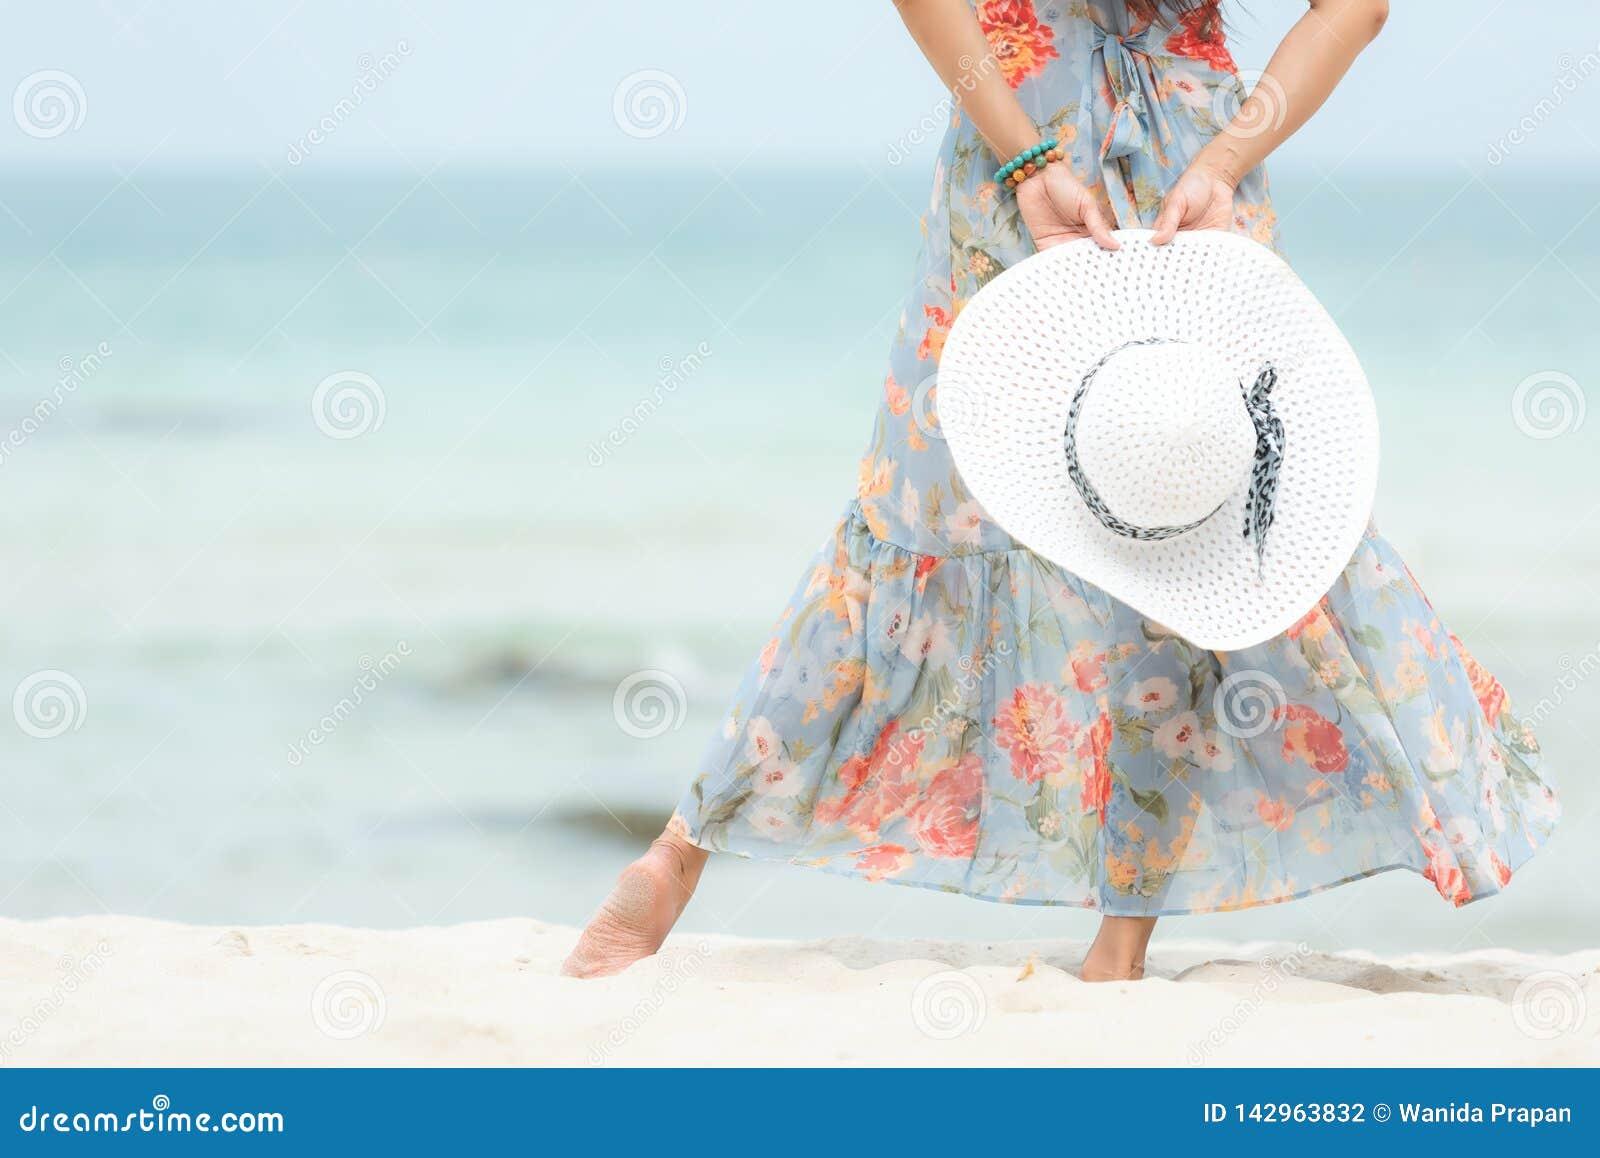 Vacanza Estiva Fine Sulla Mano Che Tiene Grande Cappello ...